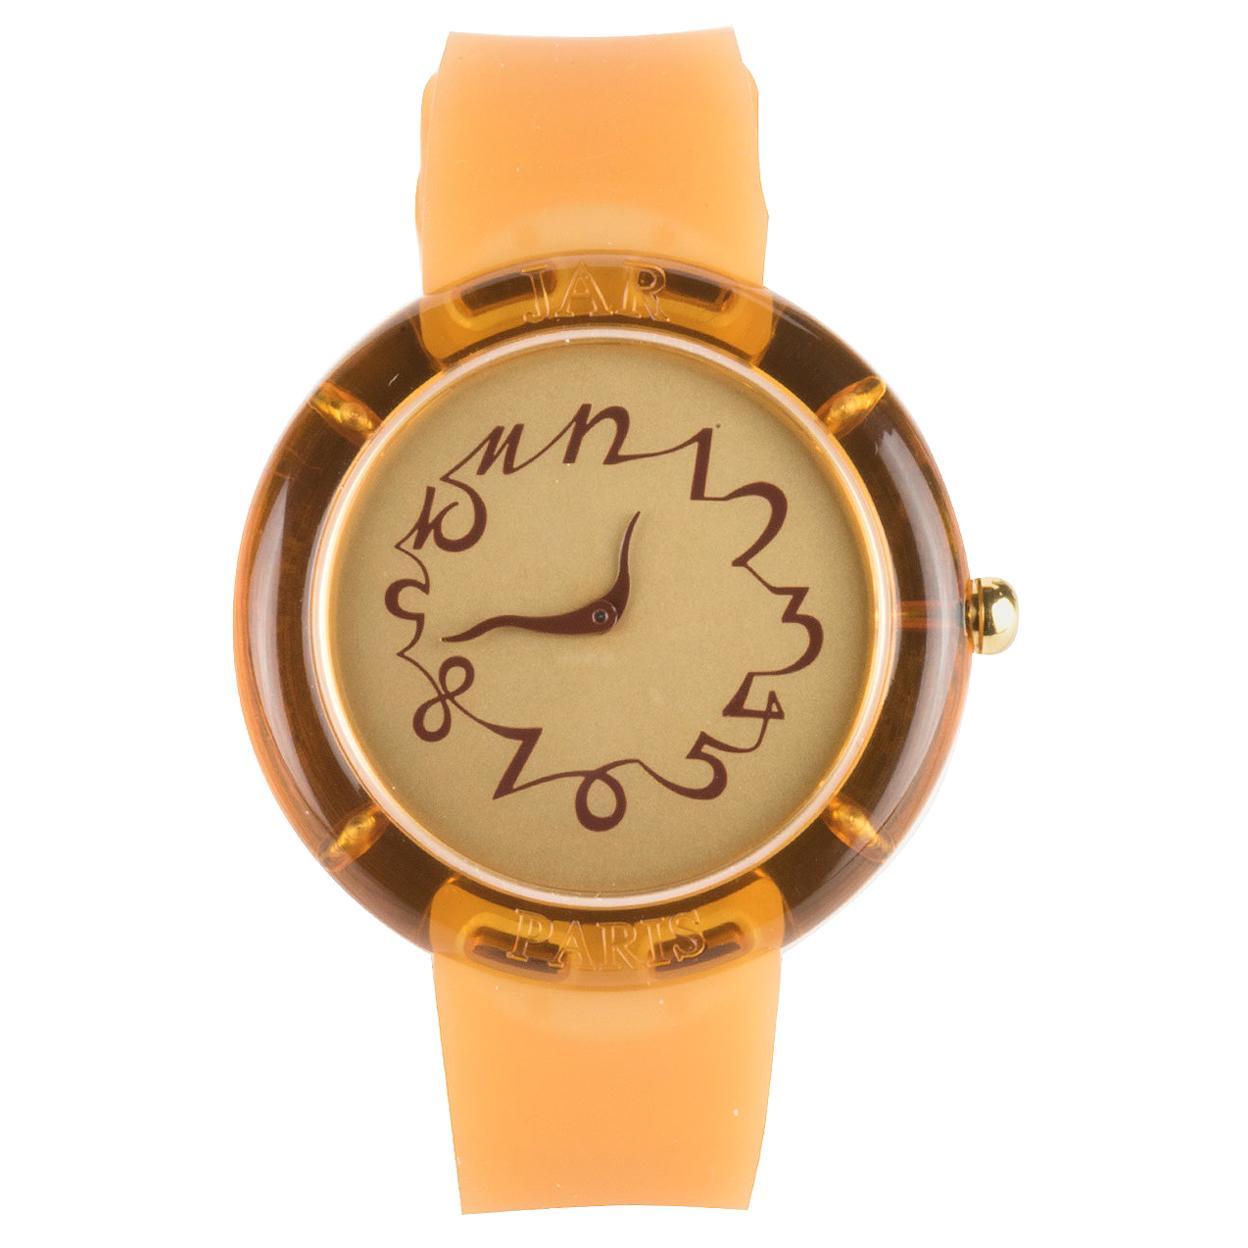 Jar Paris Wristwatch